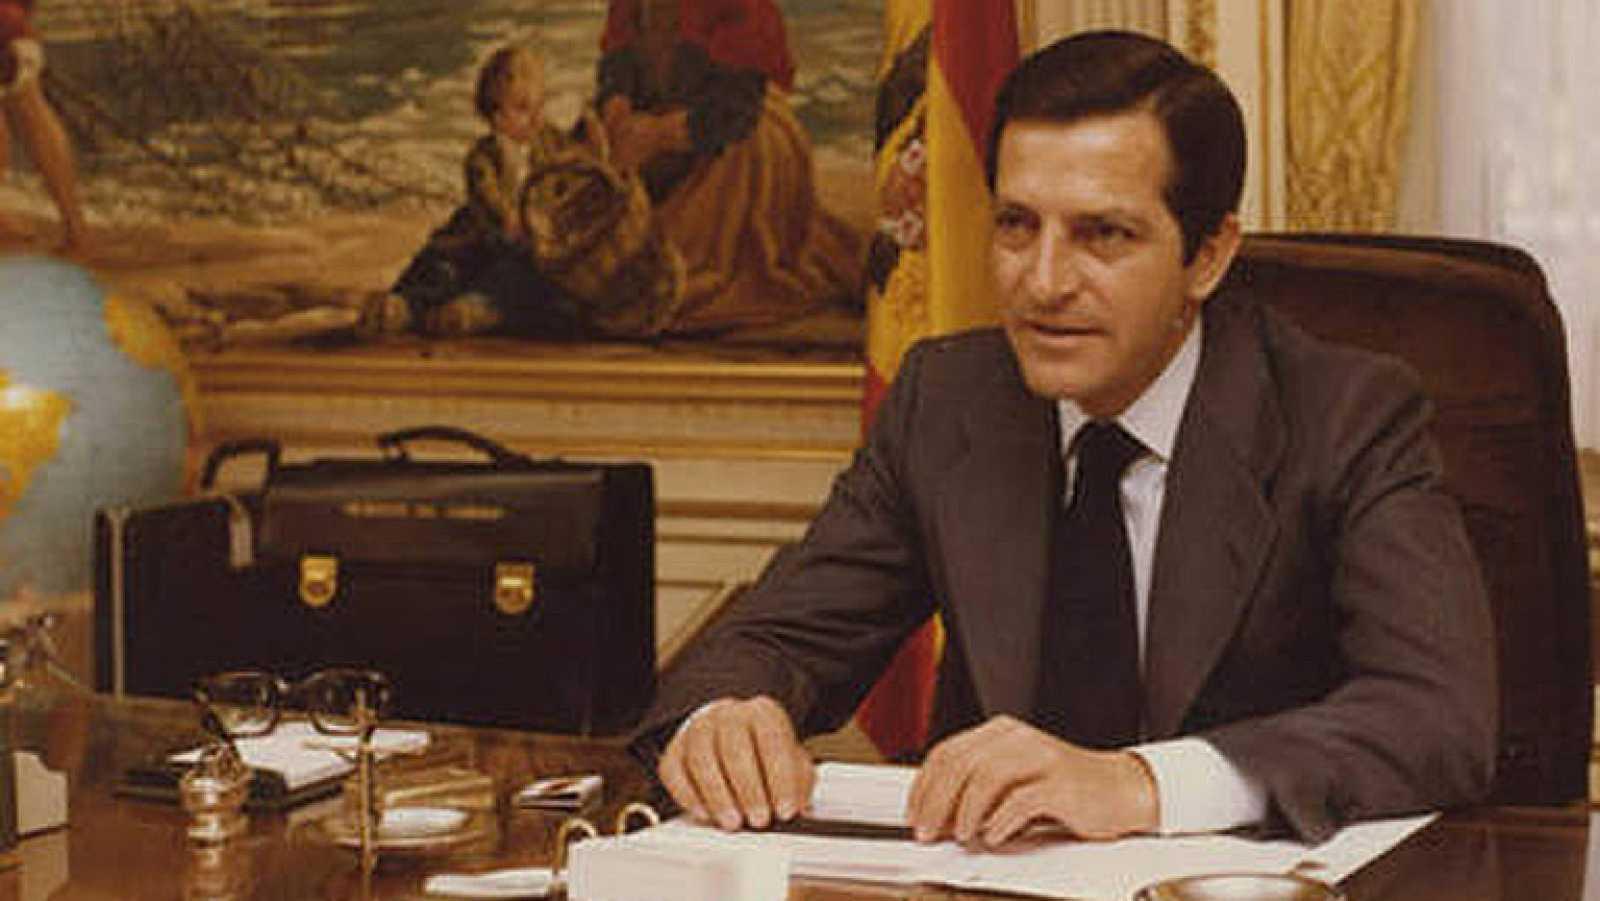 coup d'état Espagne 1981 Suarez